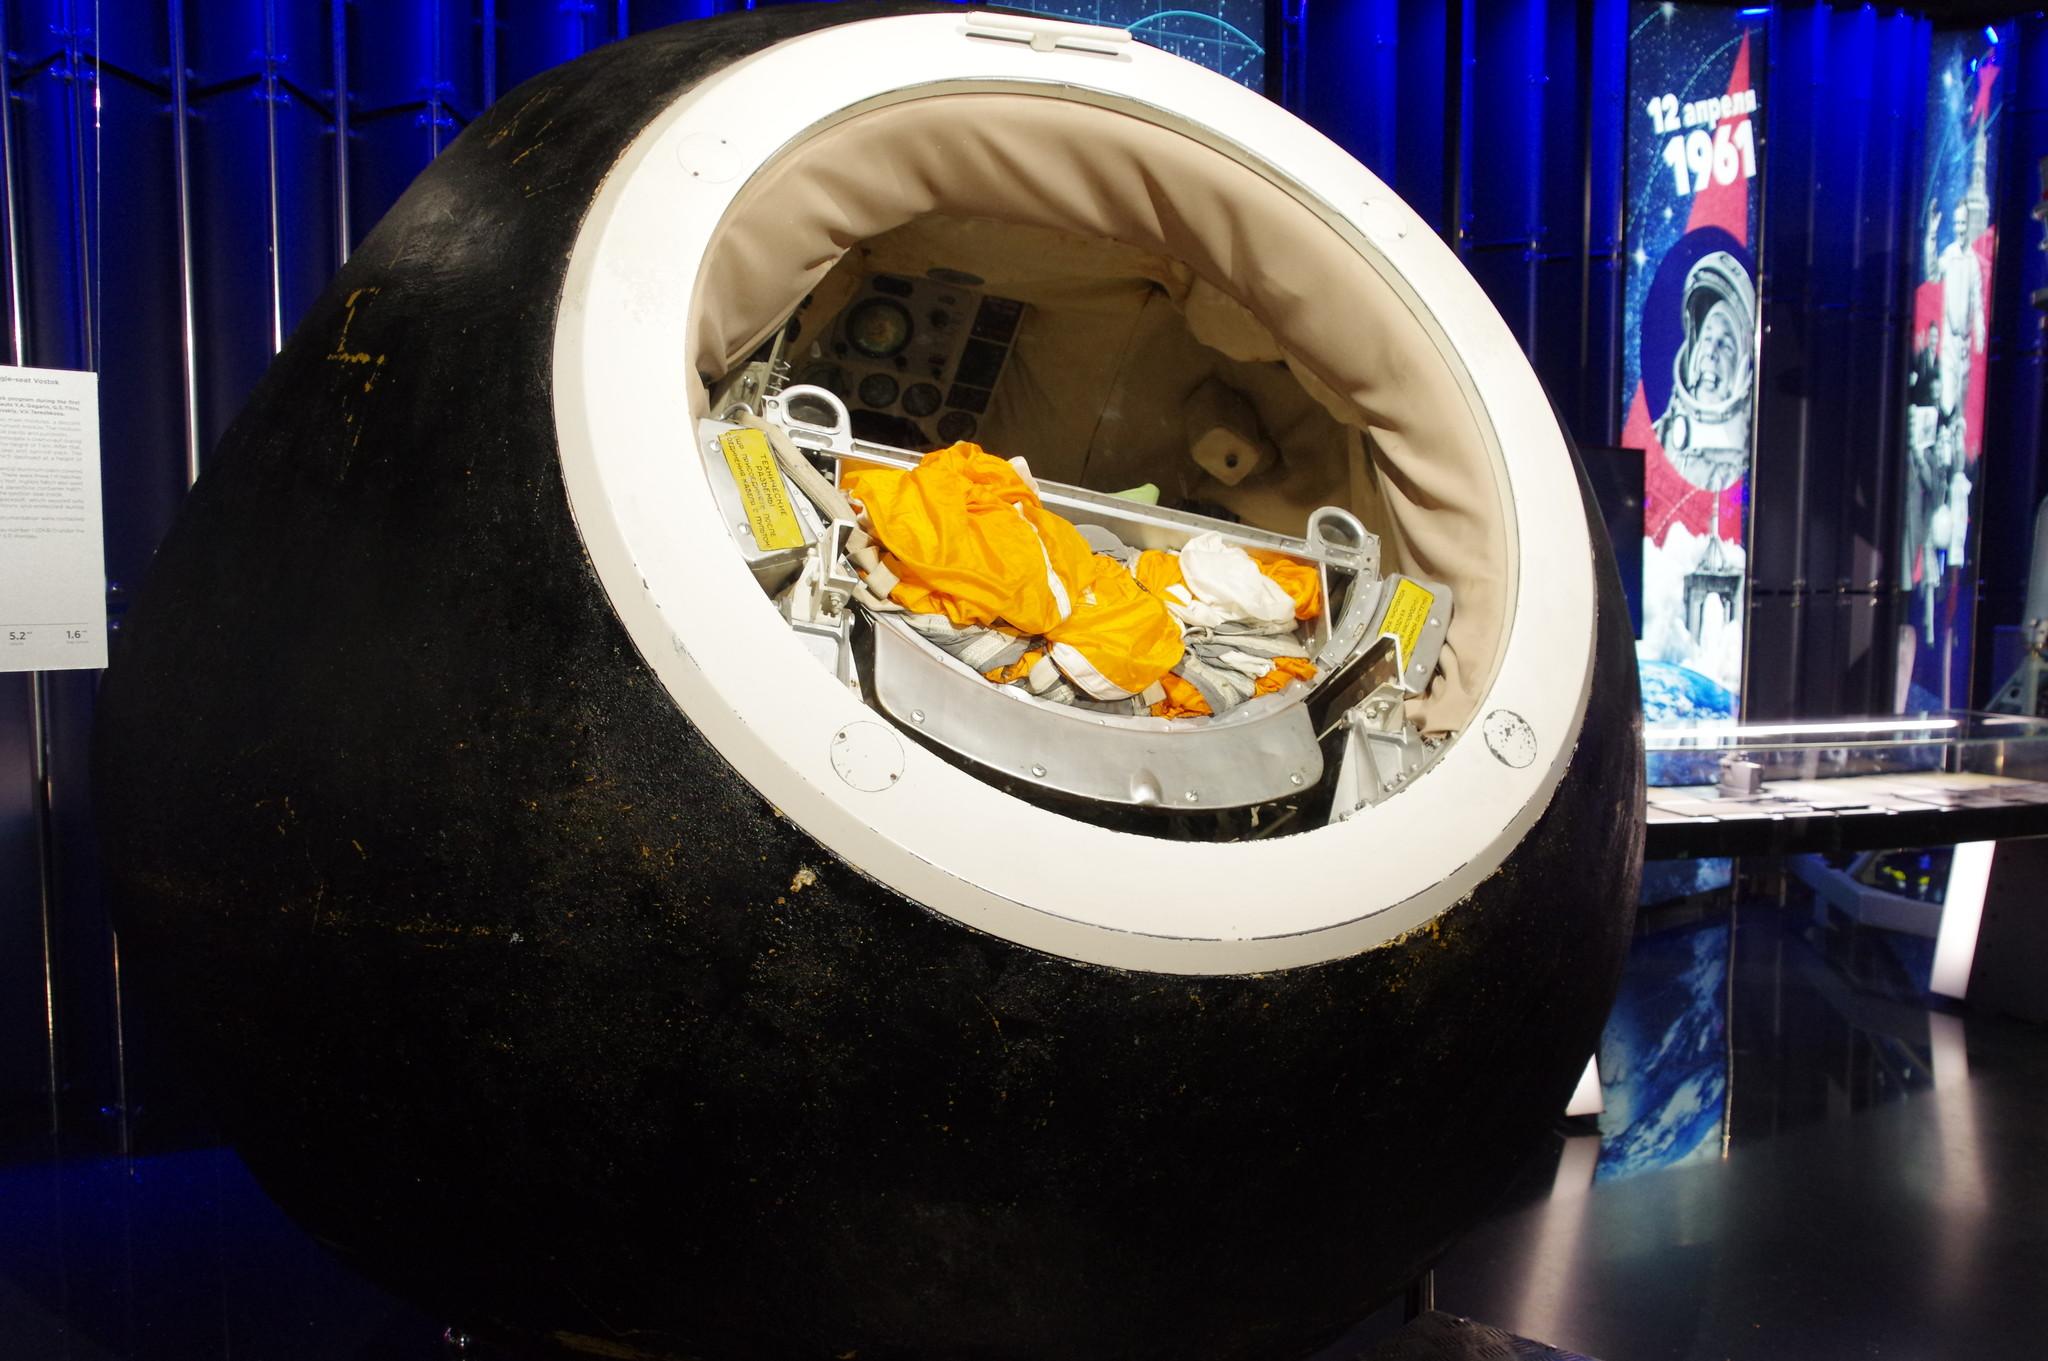 Спускаемый аппарат одноместного космического корабля серии «Восток». Мемориальный музей космонавтики (Проспект мира, дом 111)